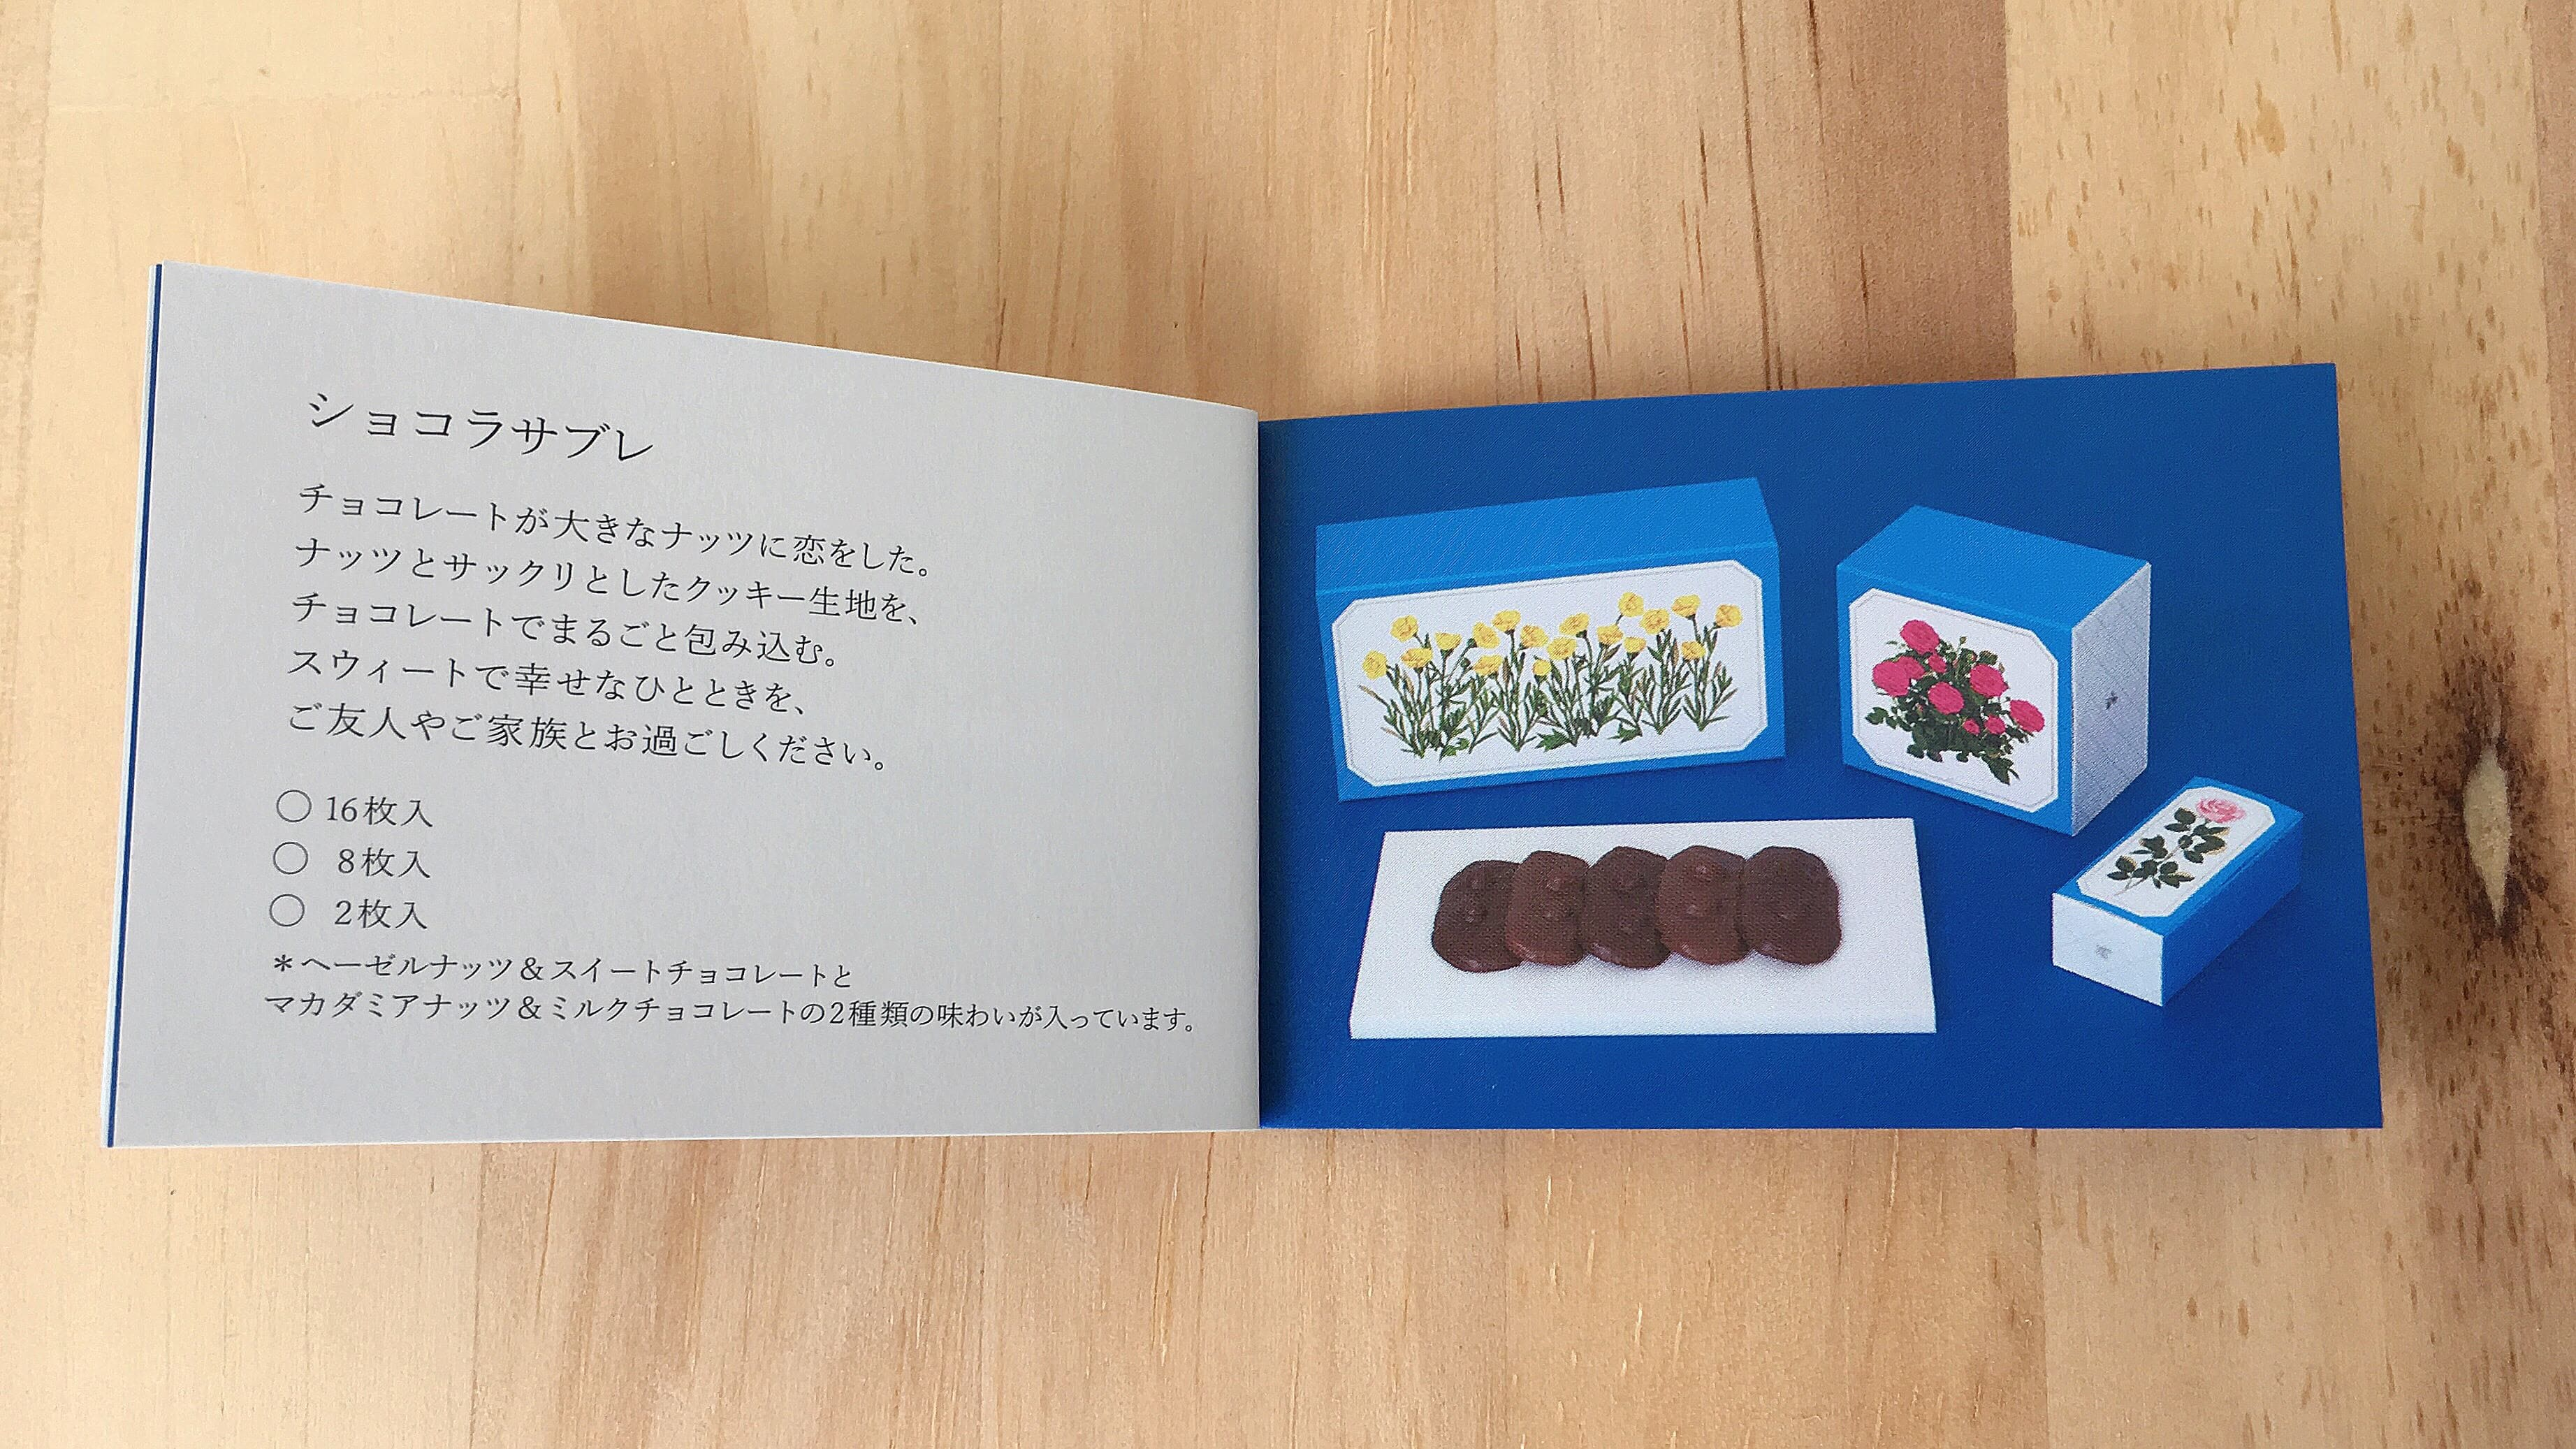 ルルメリーのショコラサブレの紹介ページ